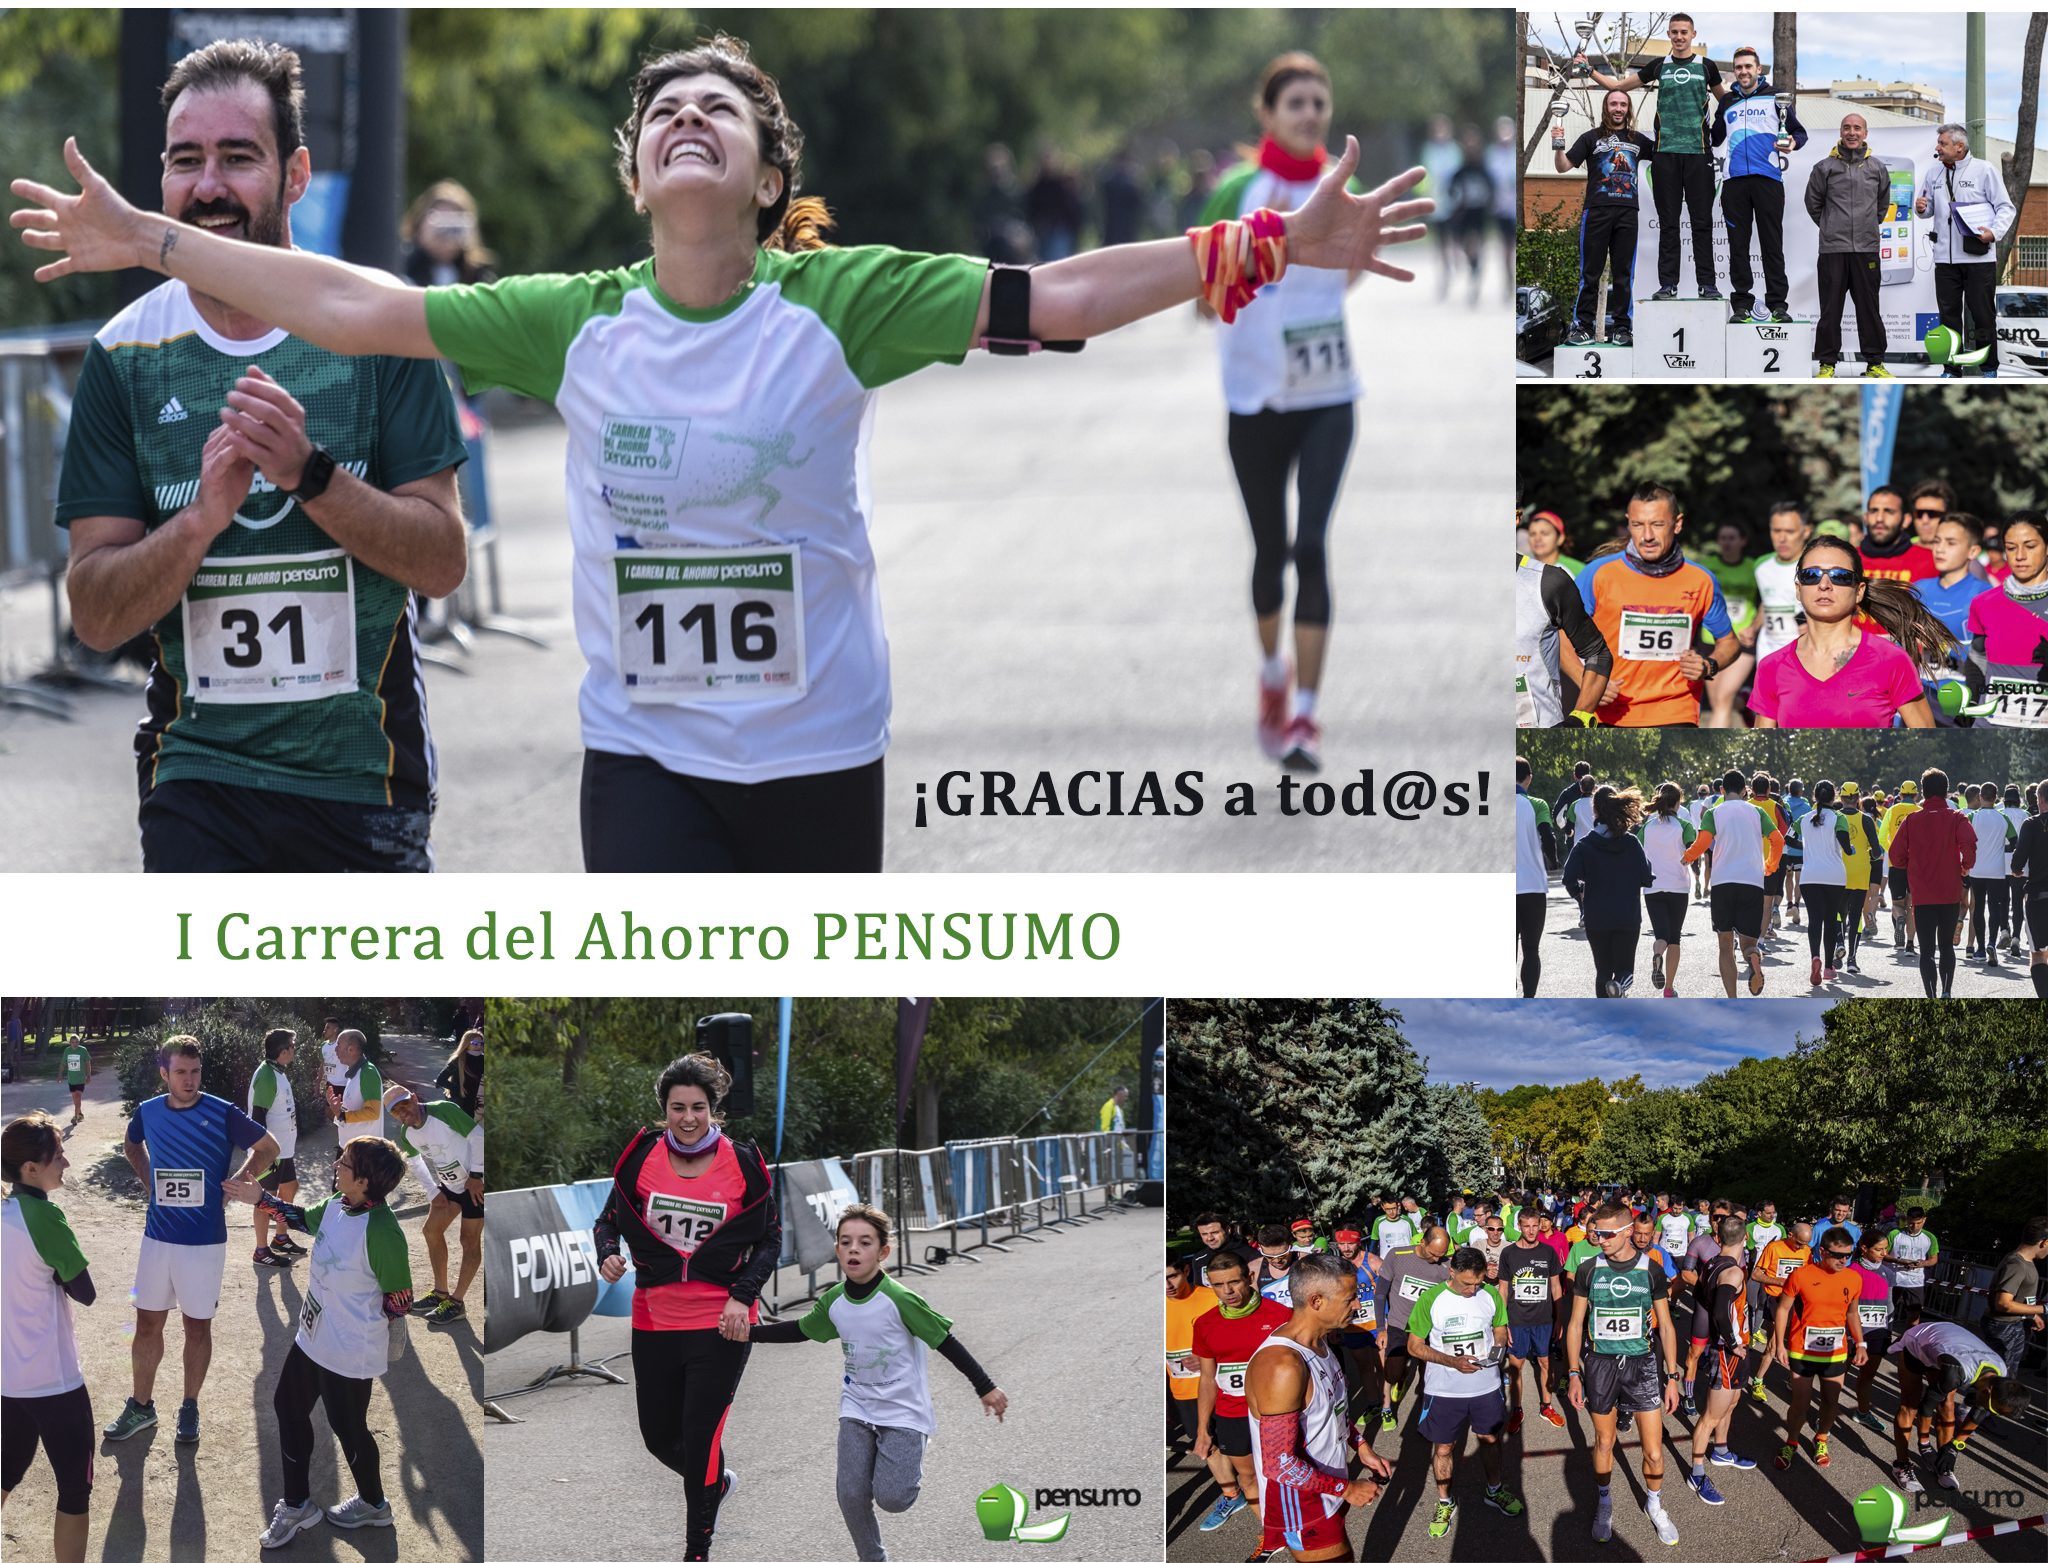 Éxito de la Primera Carrera del Ahorro Pensumo con 356 participantes